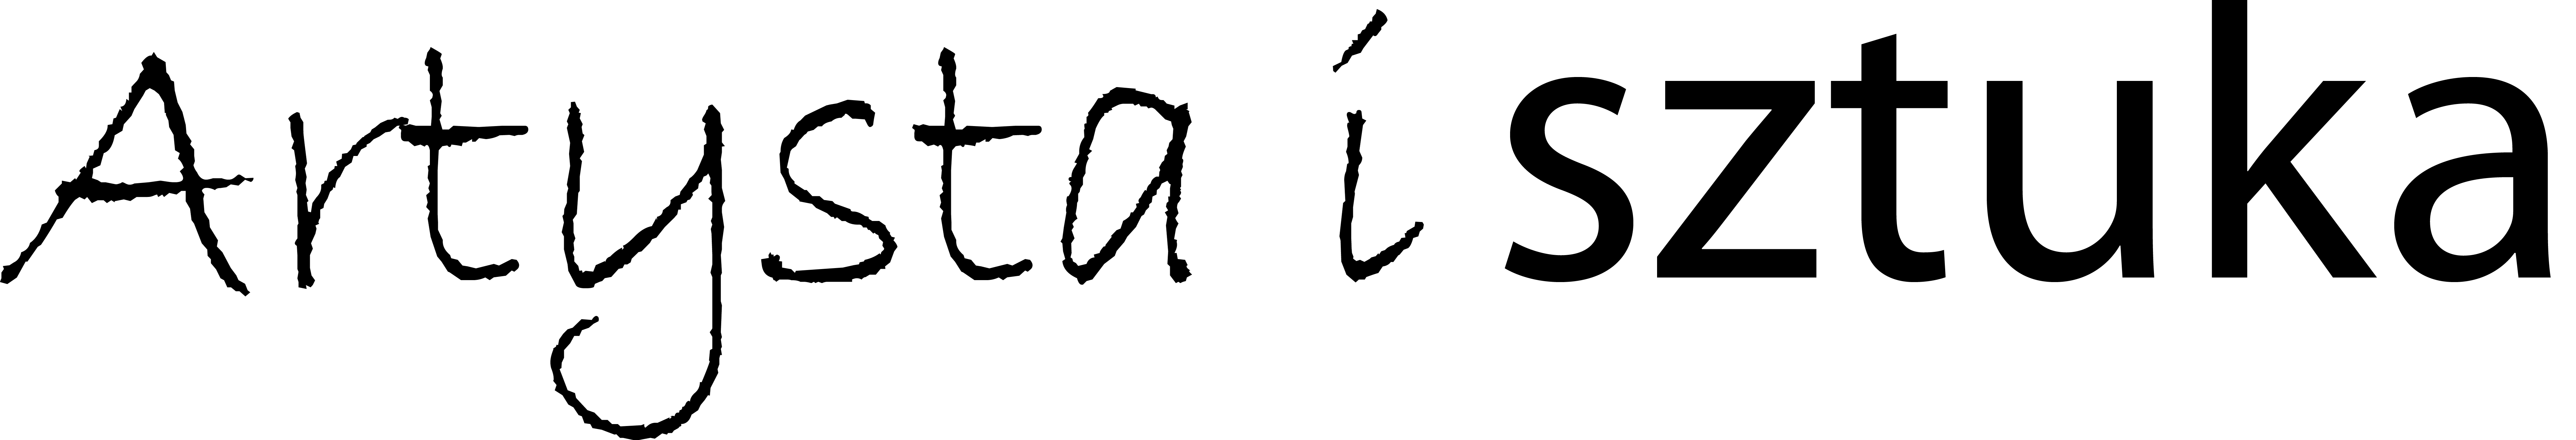 http://m.wmwm.pl/2016/07/orig/logo-ais-5353.png